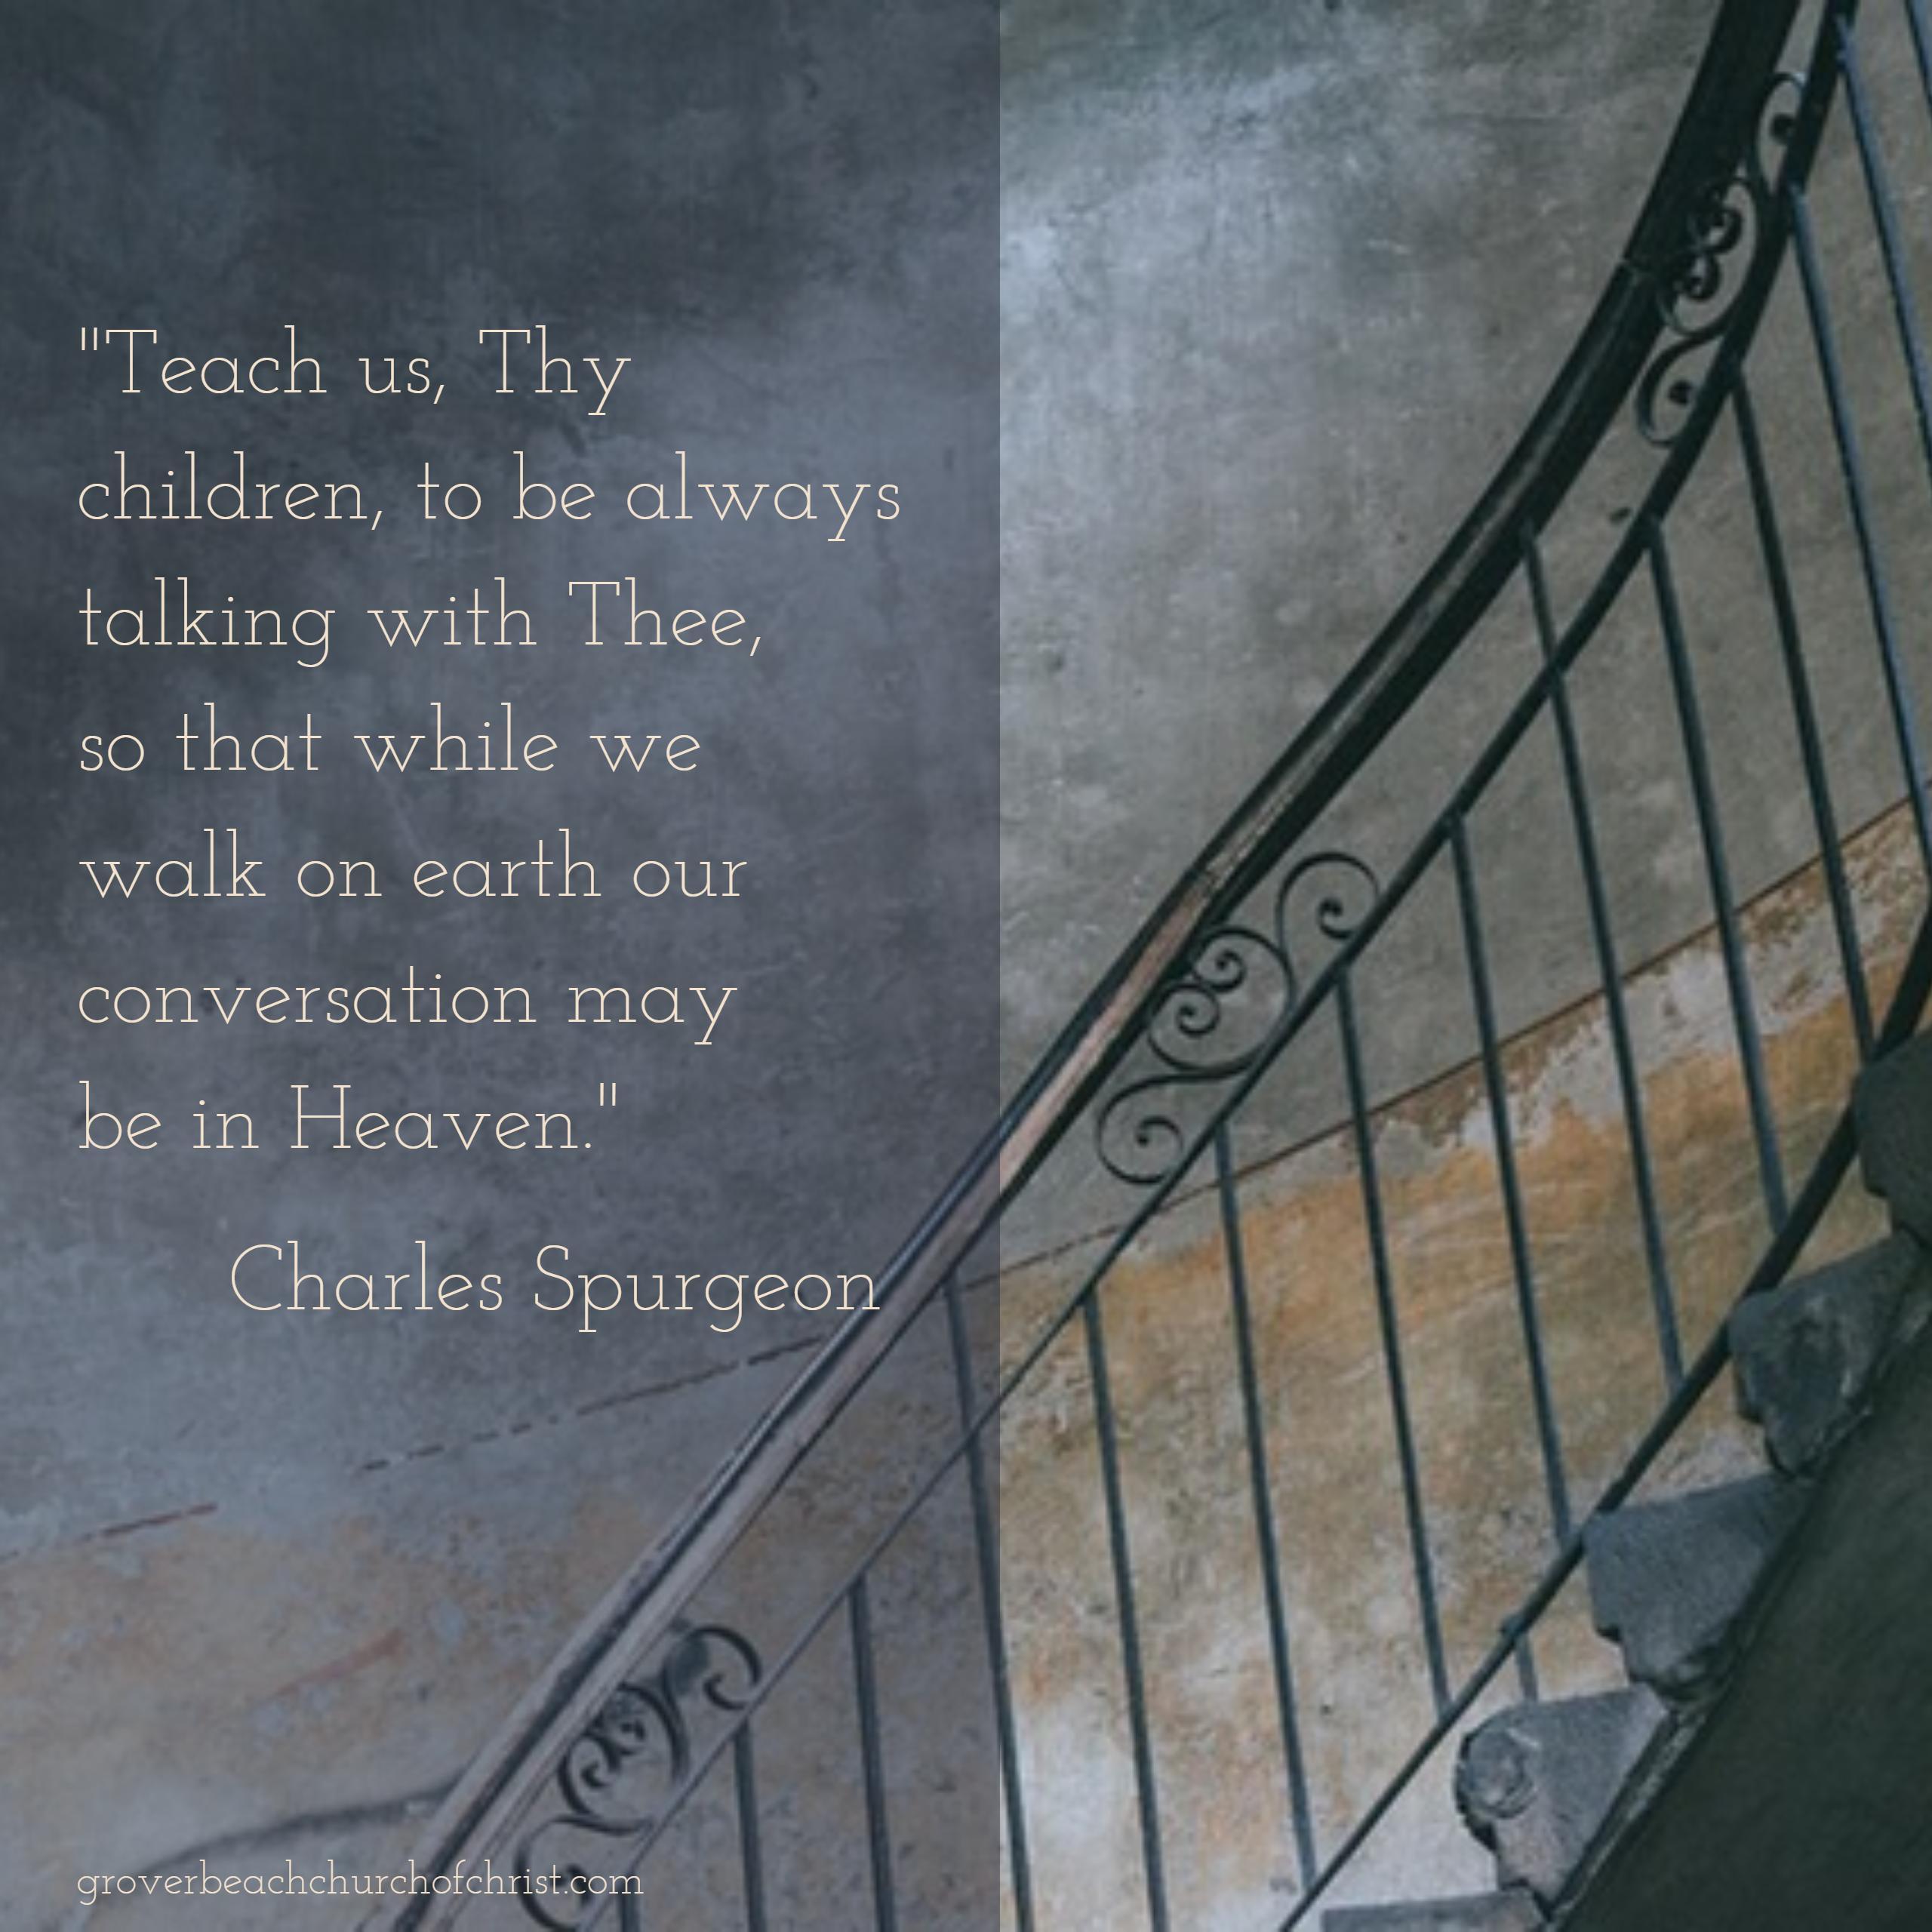 Spurgeon Teach us Thy children